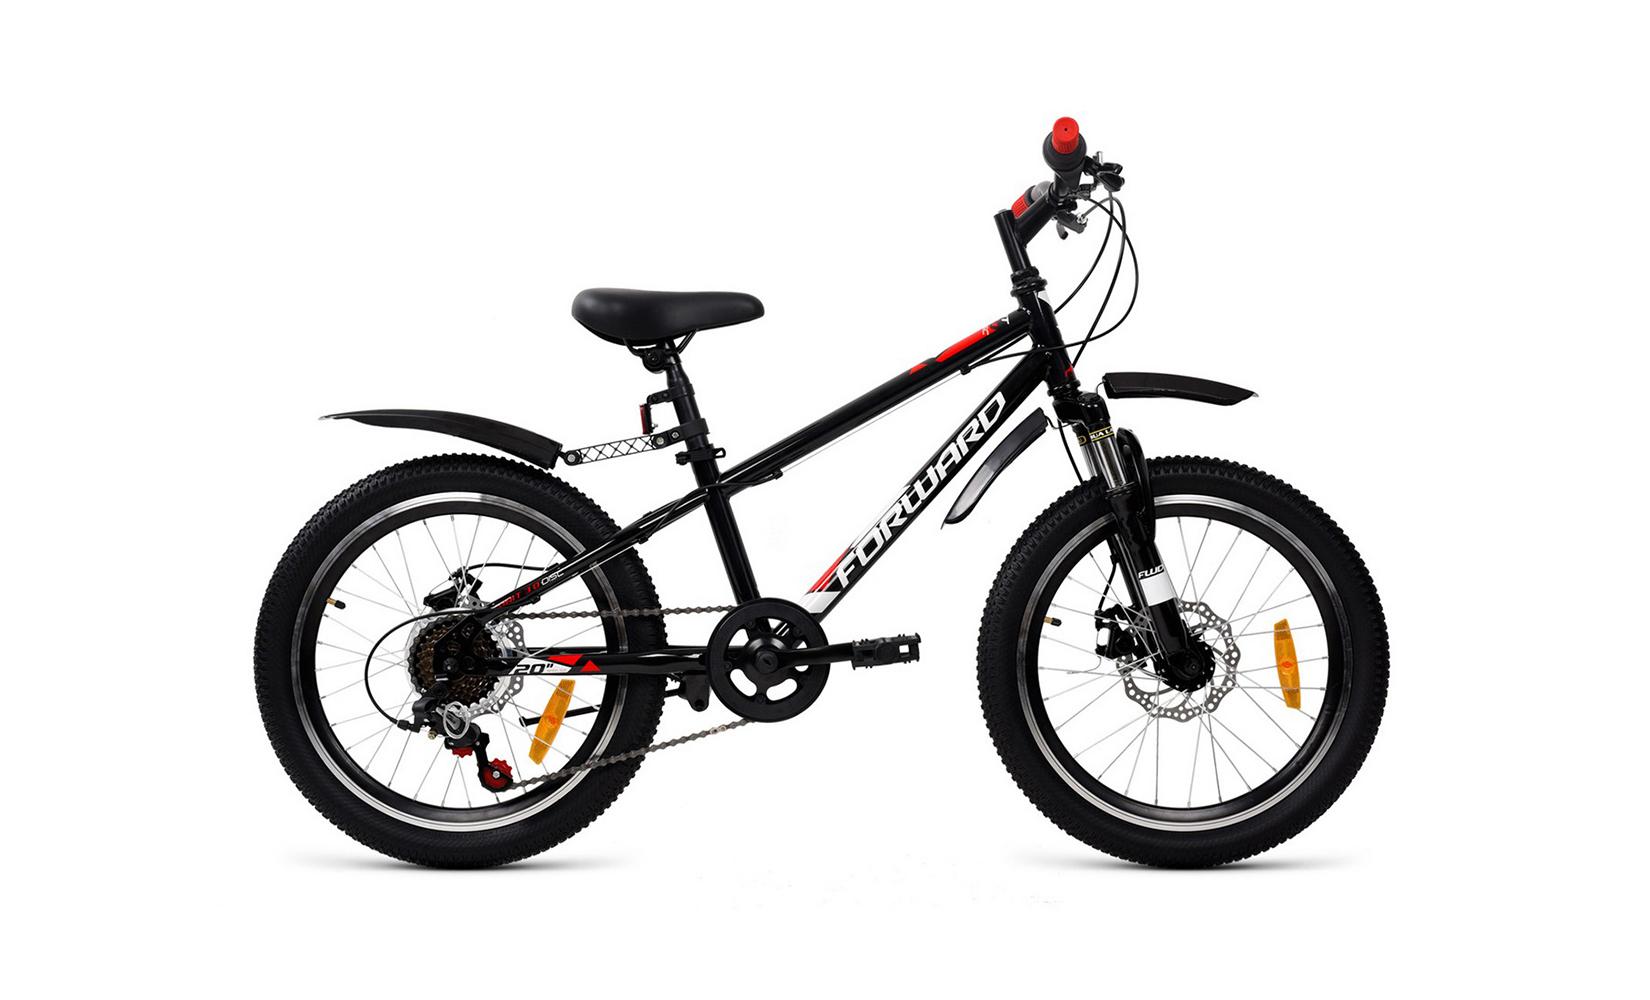 Купить Unit 20 3.0 disc (2020) (10, 5), Детский велосипед Forward Unit 20 3.0 disc 2020 черный, Детские двухколесные велосипеды